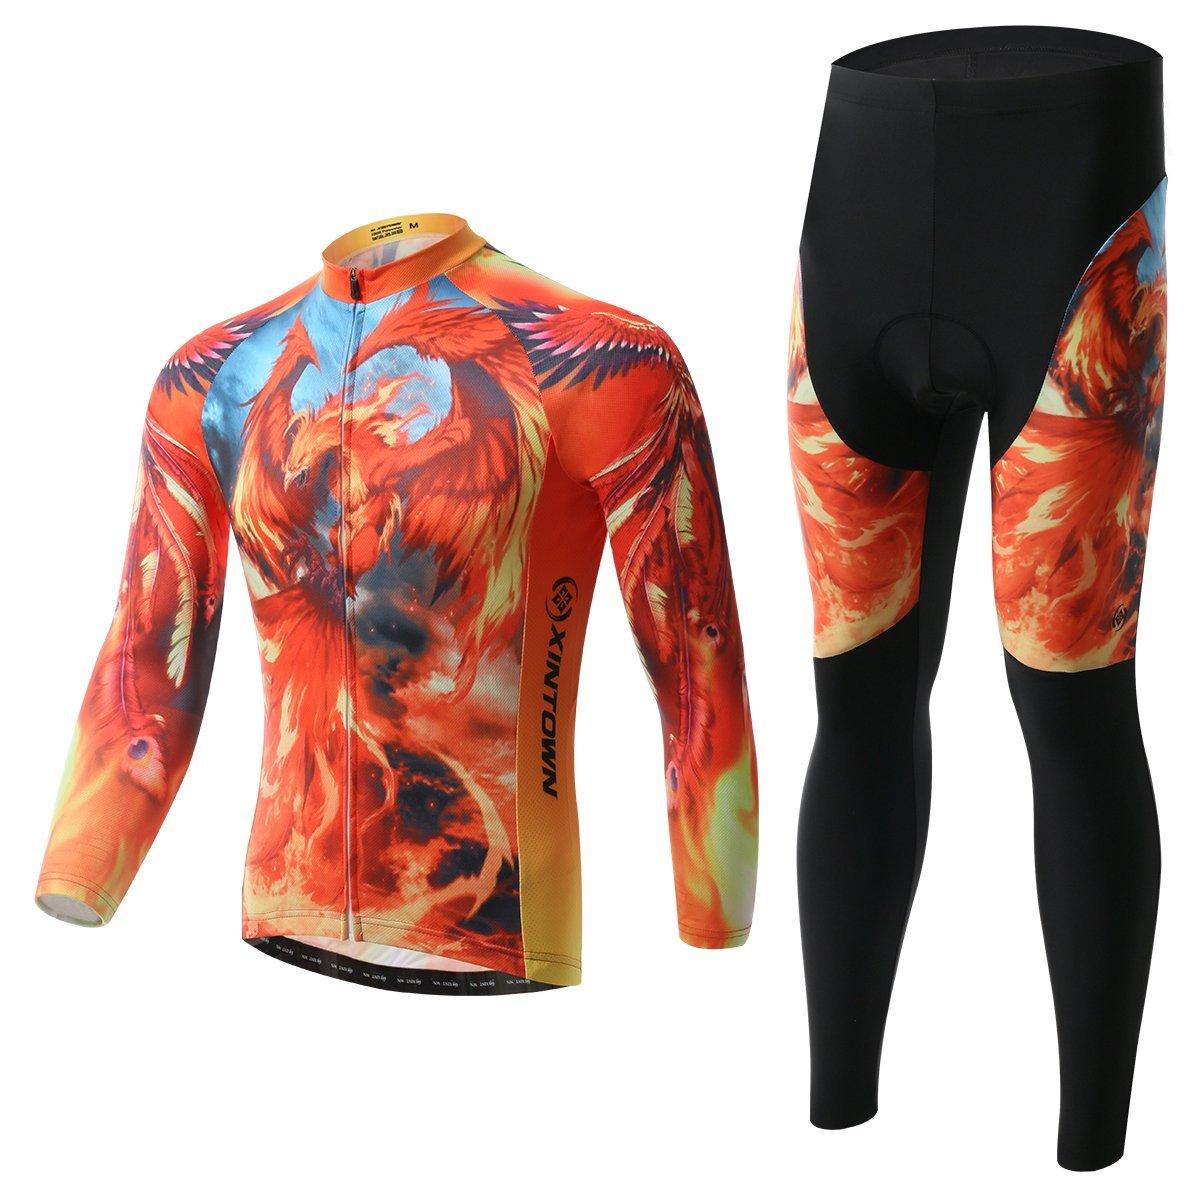 BESYL ユニセックス プリント ハイパフォーマンス メッシュ サイクリング服 スーツ 通気性 長袖 サイクリング ジャージ ビブ パッド入り パンツ キット 自転車 バイク ライディング バイカー (オレンジ イエロー ファイヤー フェニックス) B018G5SIFO XXL (US XL)|Fleece-Long-Set Fleece-Long-Set XXL (US XL)